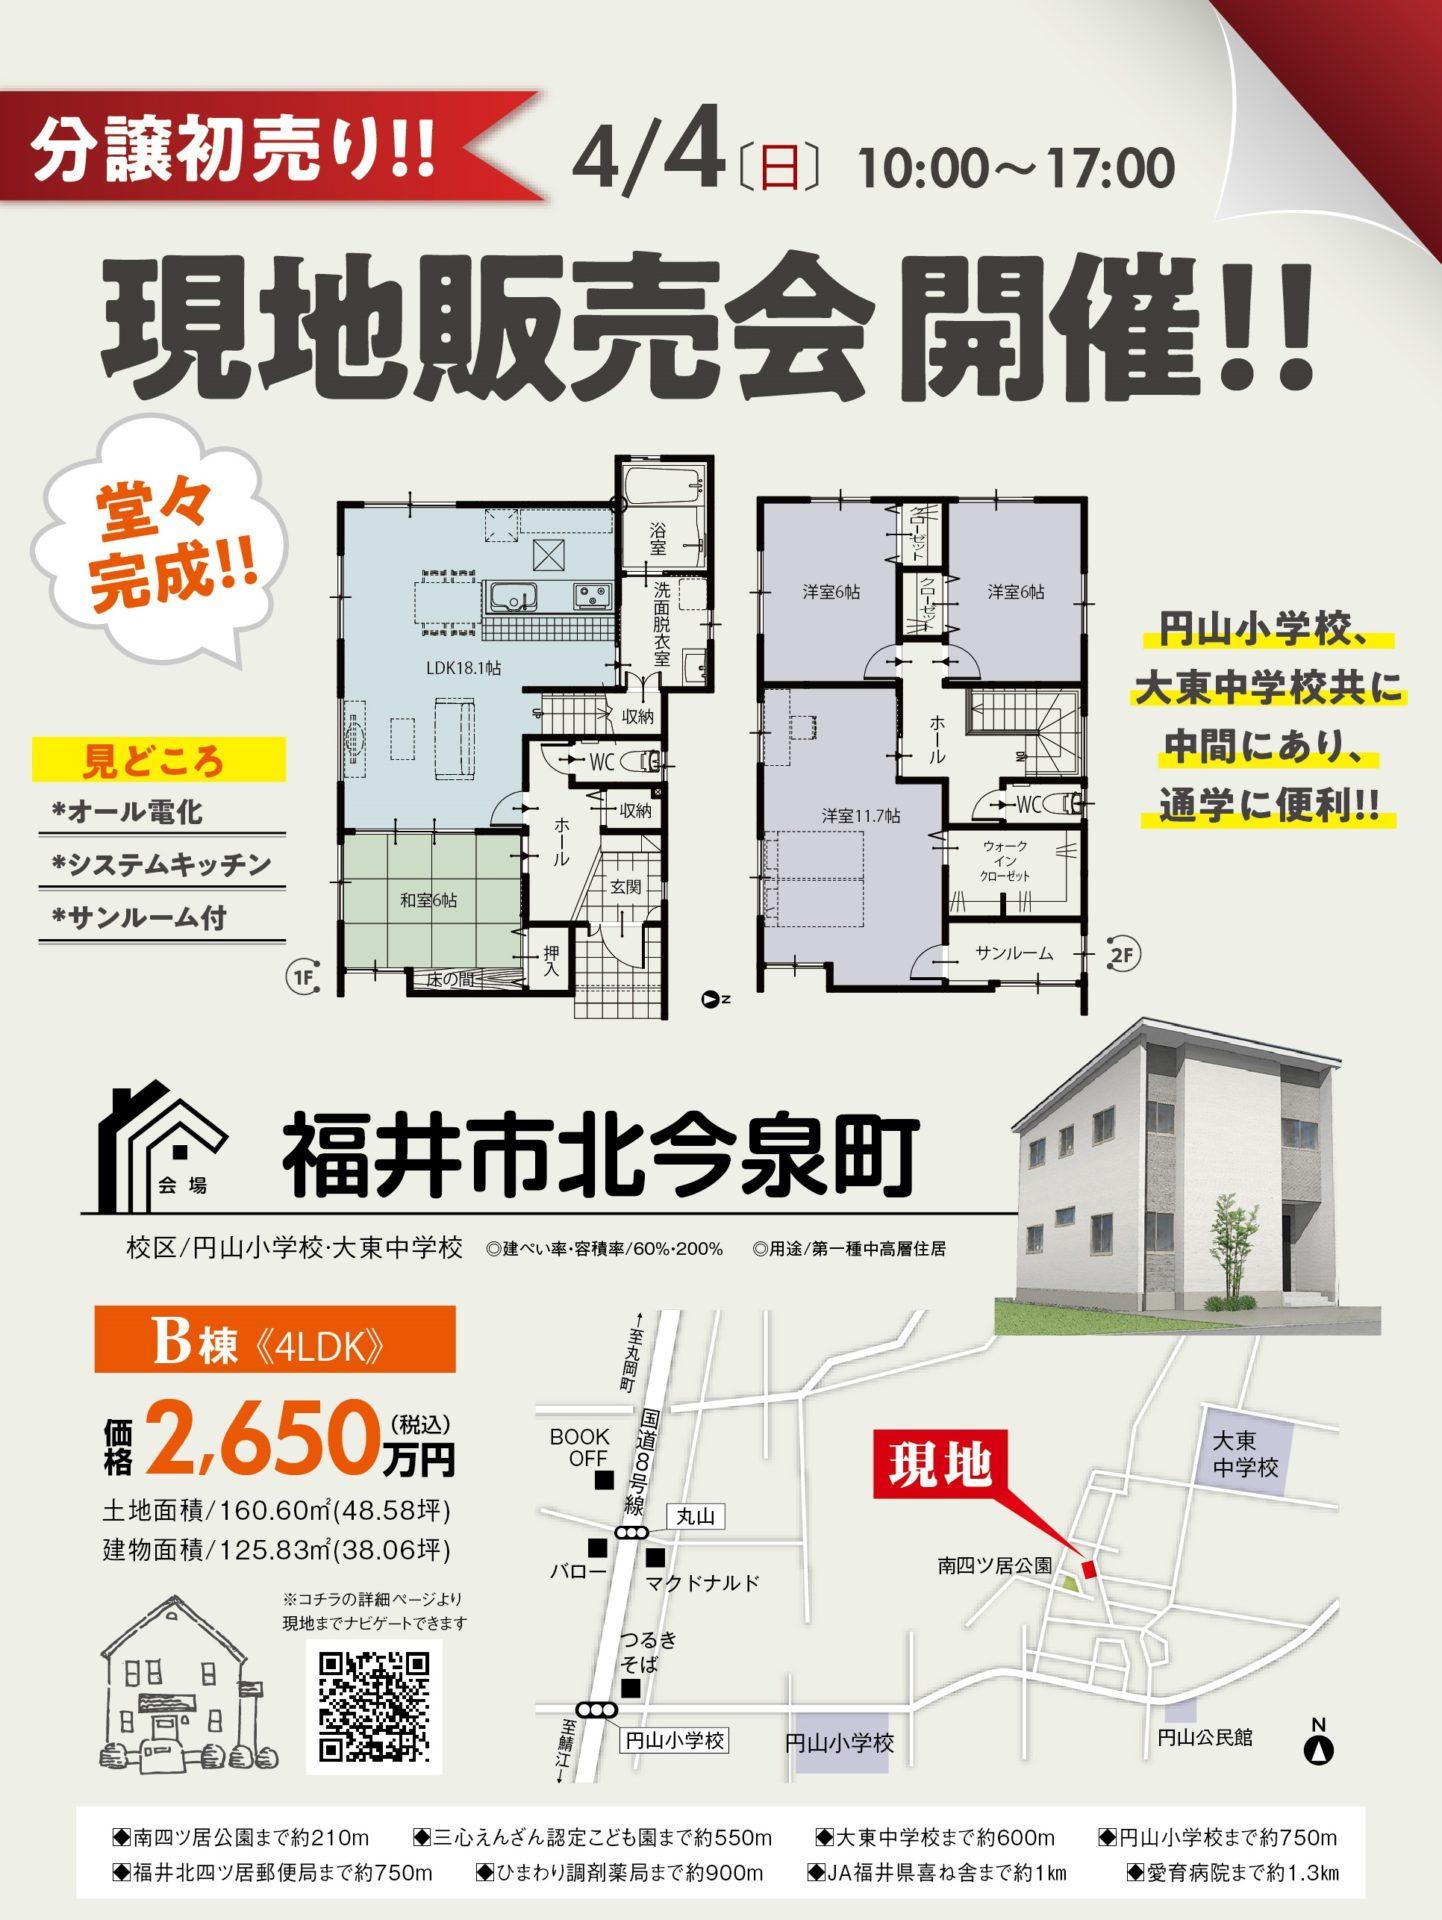 福井県新築分譲住宅現地販売会開催